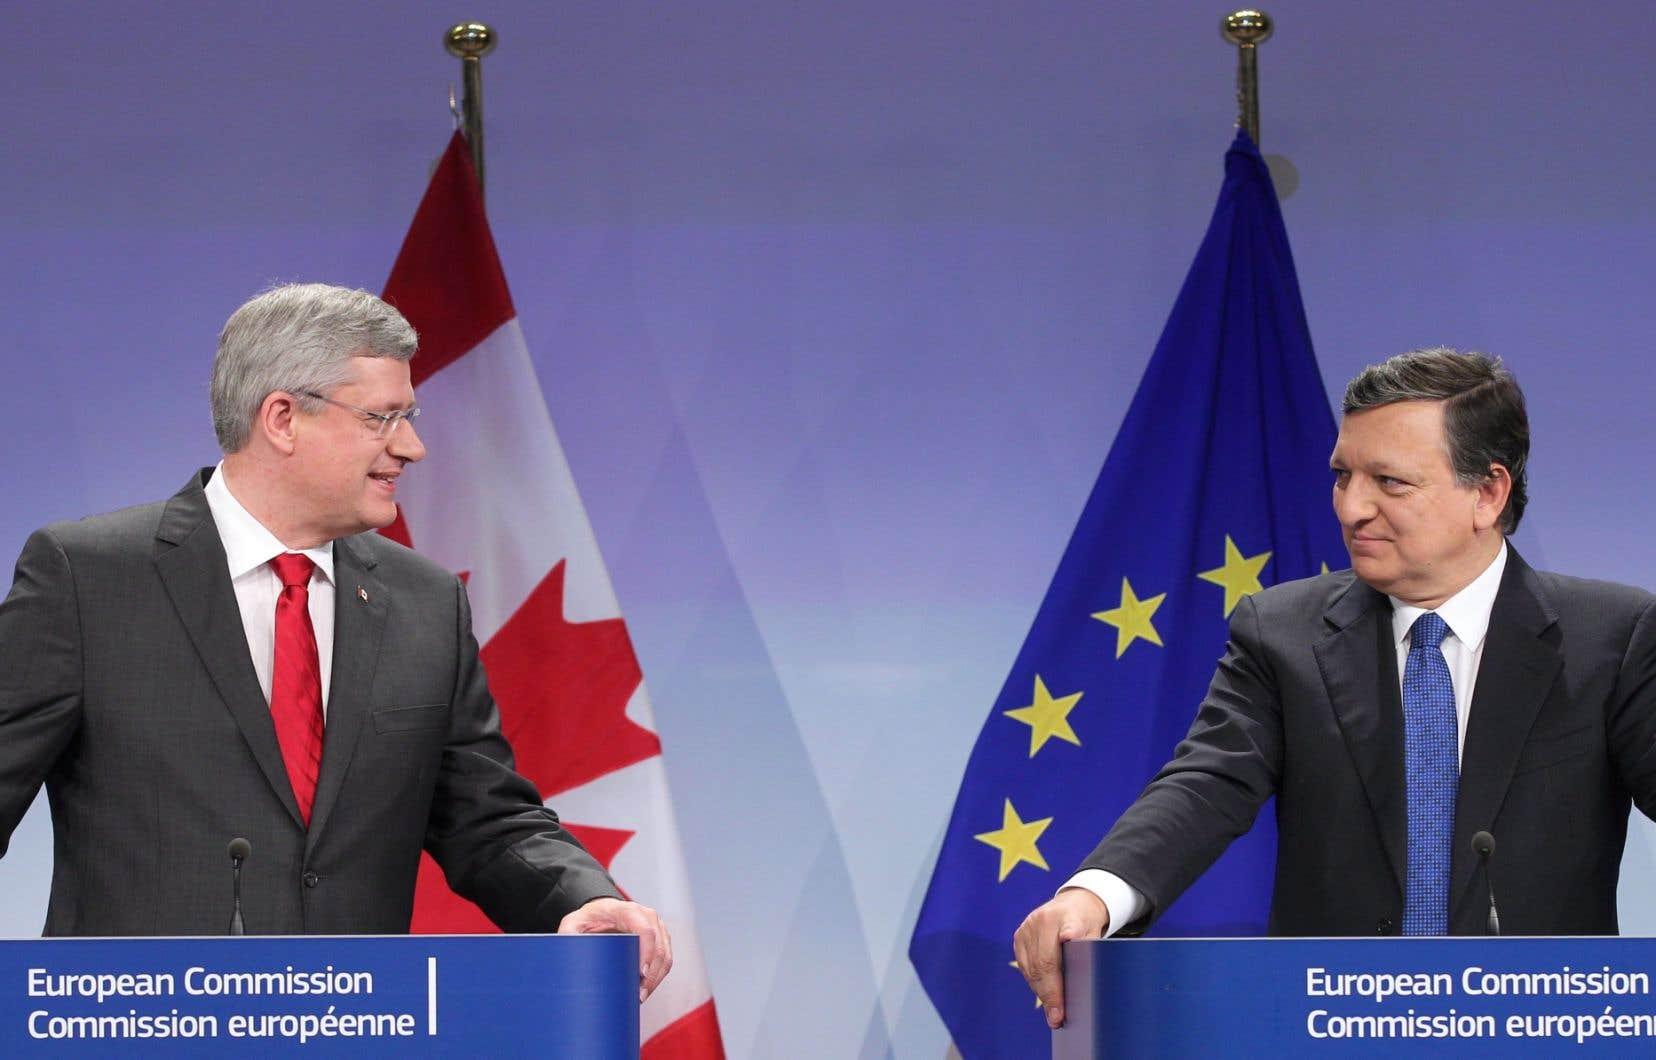 Le 18 octobre 2013, le premier ministre du Canada, Stephen Harper, et le président de la Commission européenne, Jose Manuel Barroso, signaient l'entente de principe portant sur le libre-échange entre le Canada et l'Union européenne.